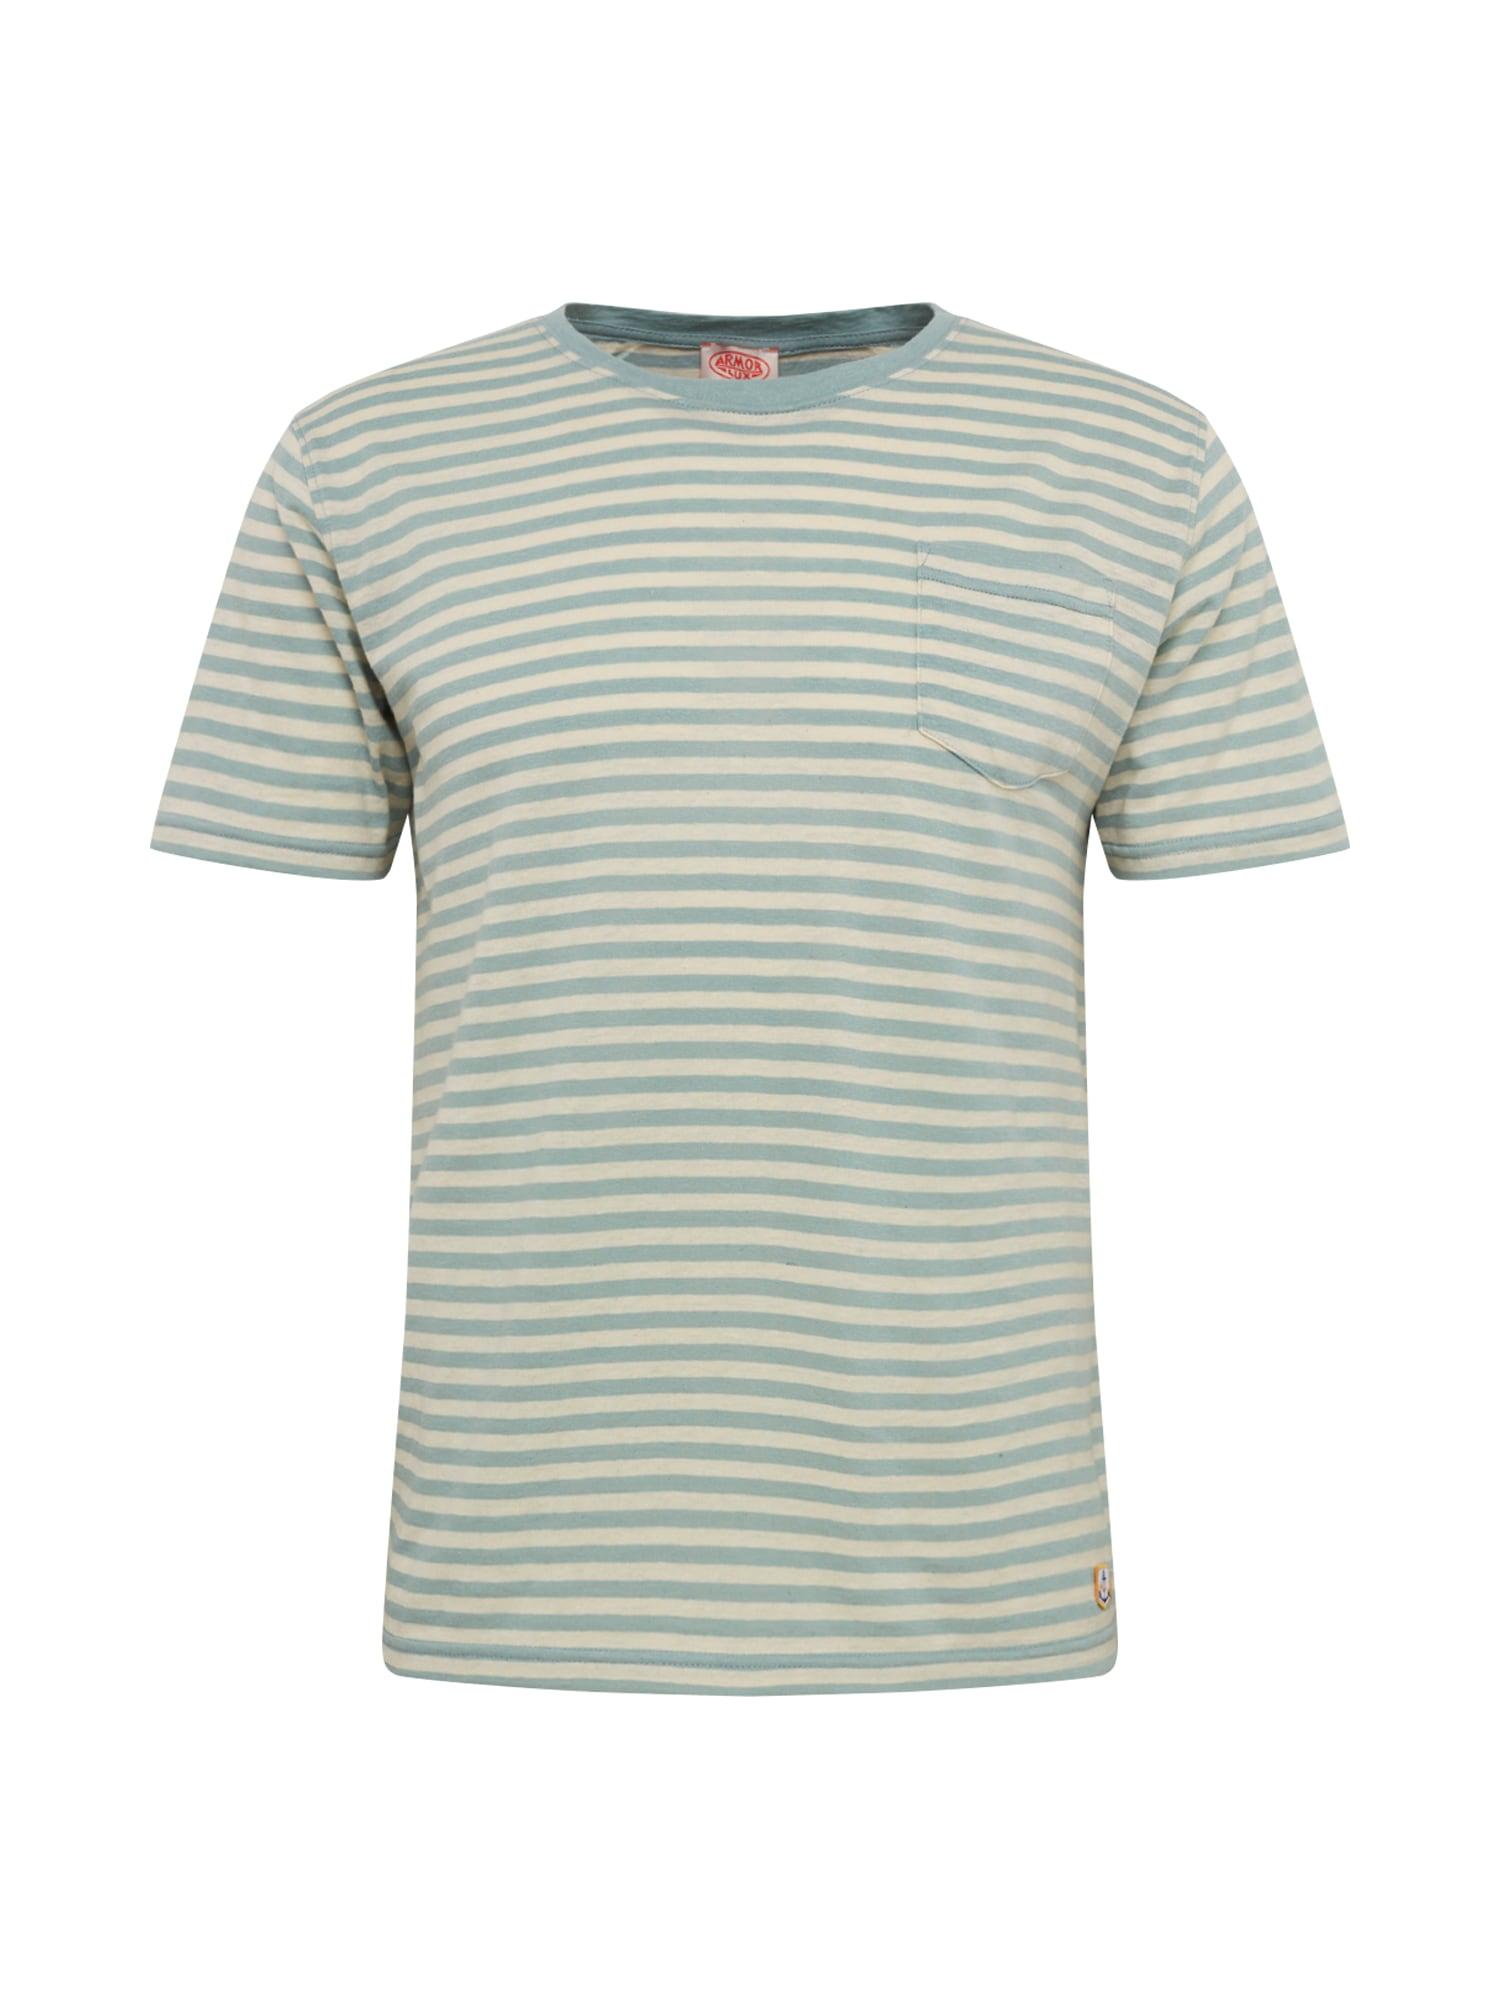 Armor Lux Marškinėliai 'Héritage' natūrali balta / šviesiai žalia